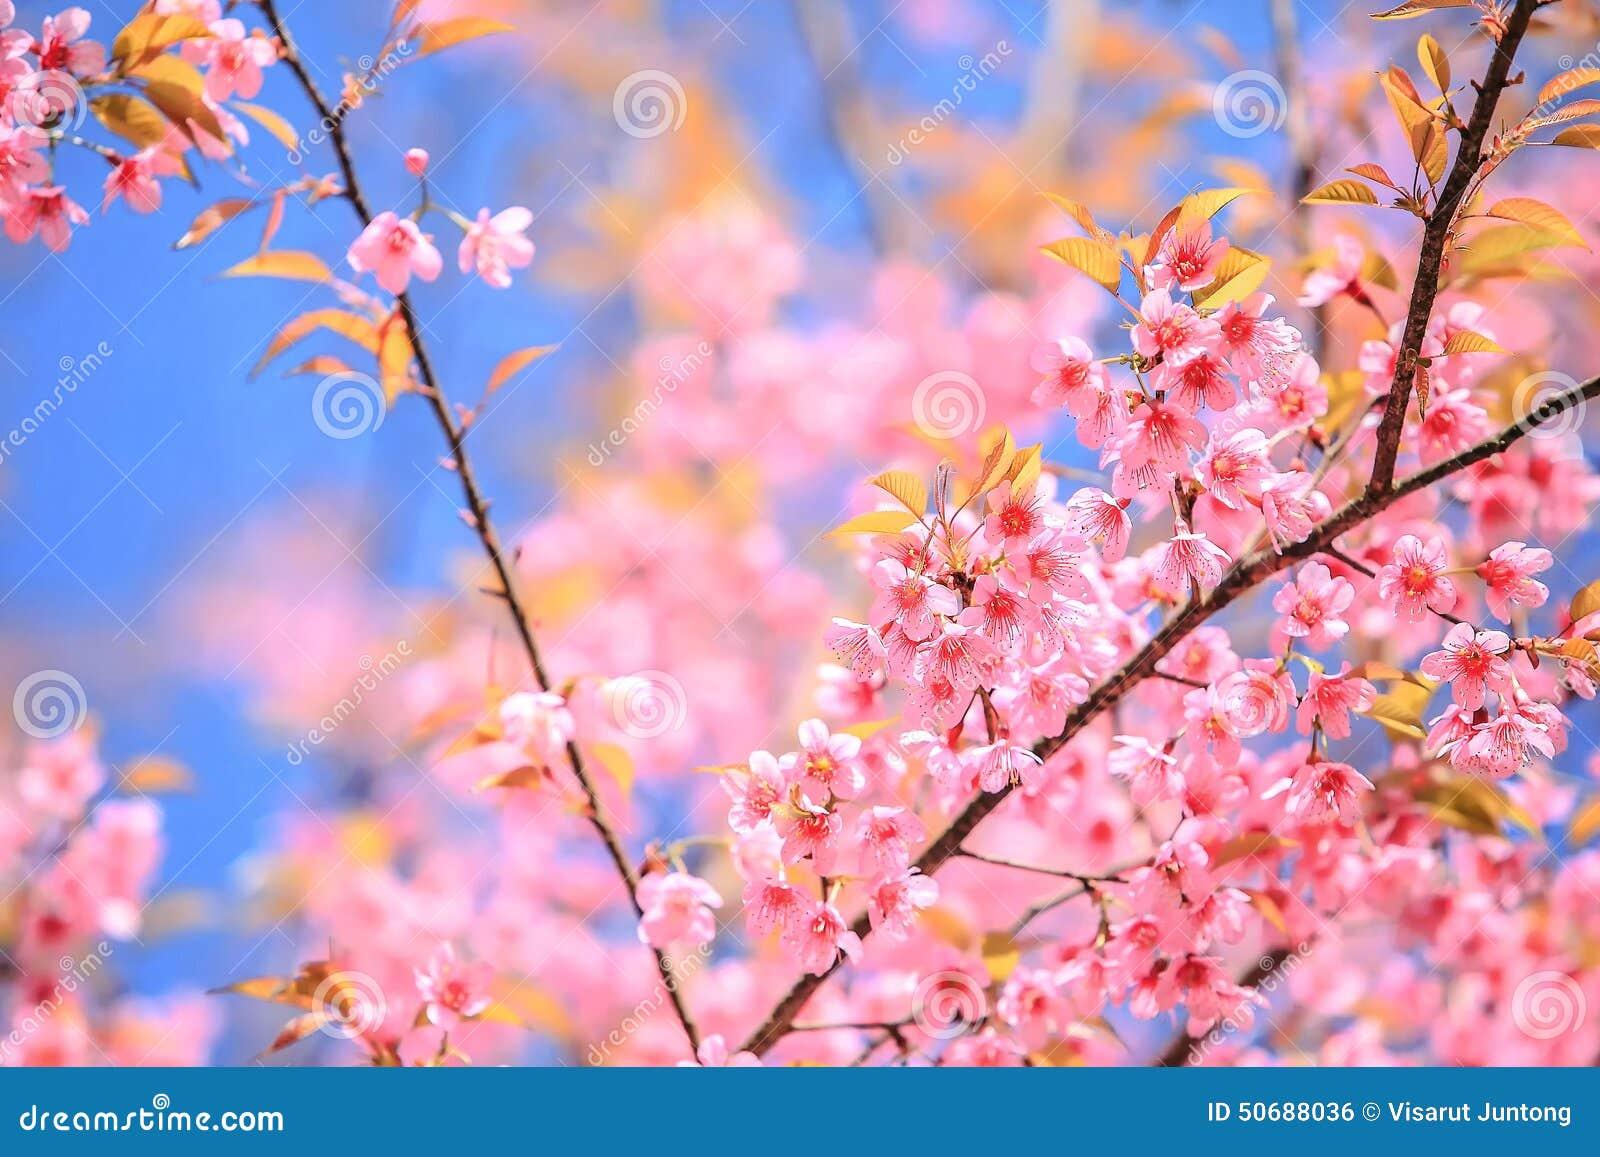 Download 桃红色花 库存照片. 图片 包括有 墙纸, 旅行, 横向, 樱桃, 庭院, 喜马拉雅, 结构树, 云彩, 粉红色 - 50688036